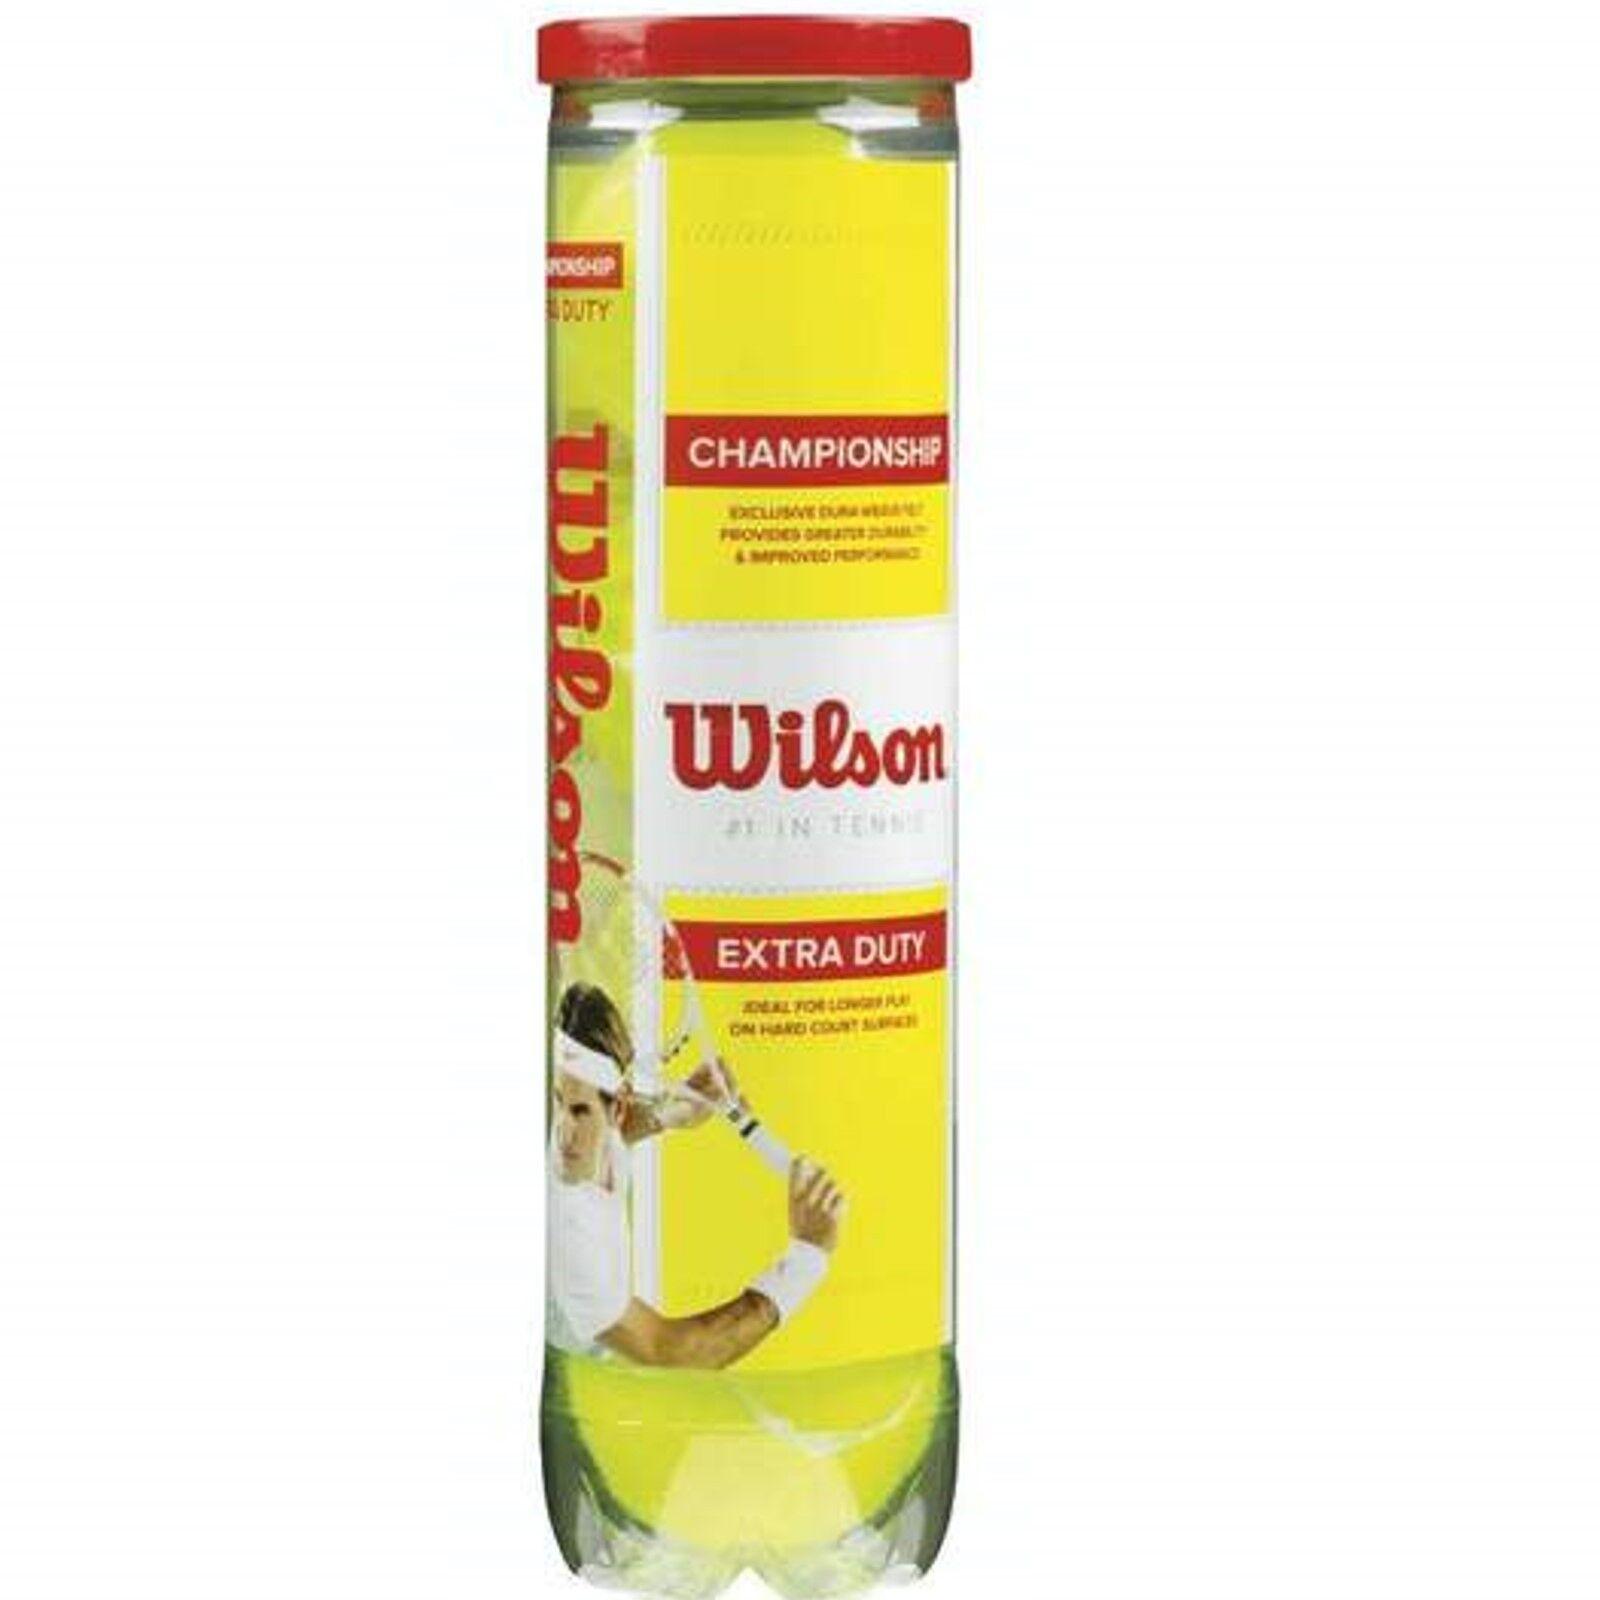 Wilson Championship Tennisbälle - ein Karton Karton Karton á 72 Bälle f477de